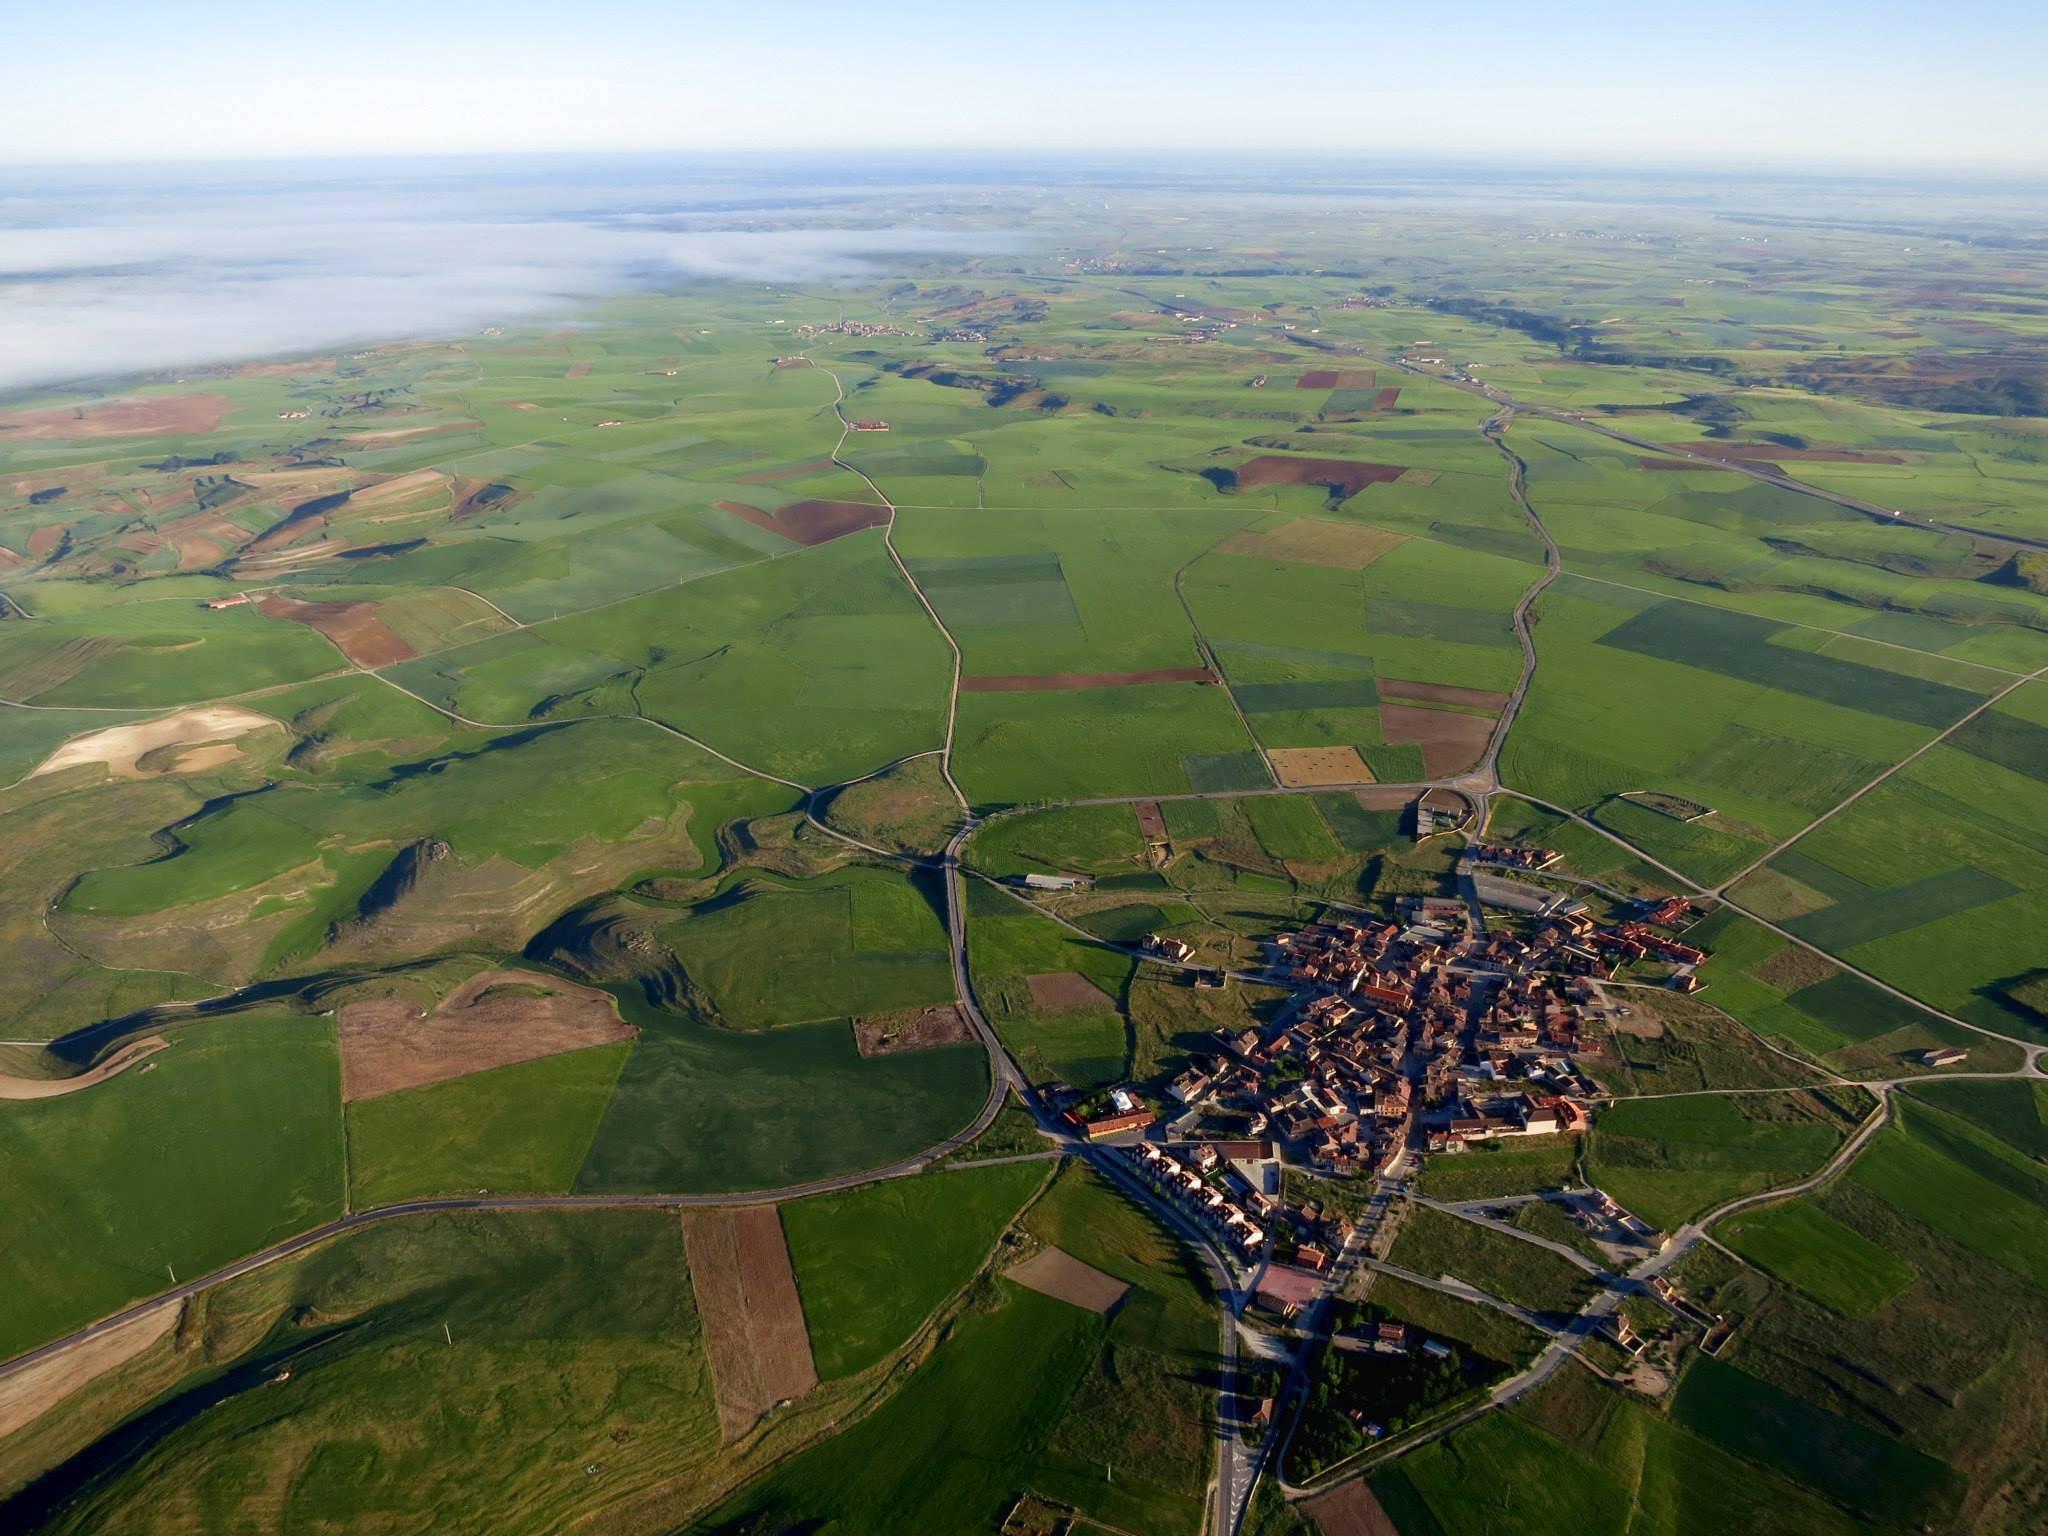 Descubre los pueblos, los caminos, la fauna y la primavera #volandoenglobo